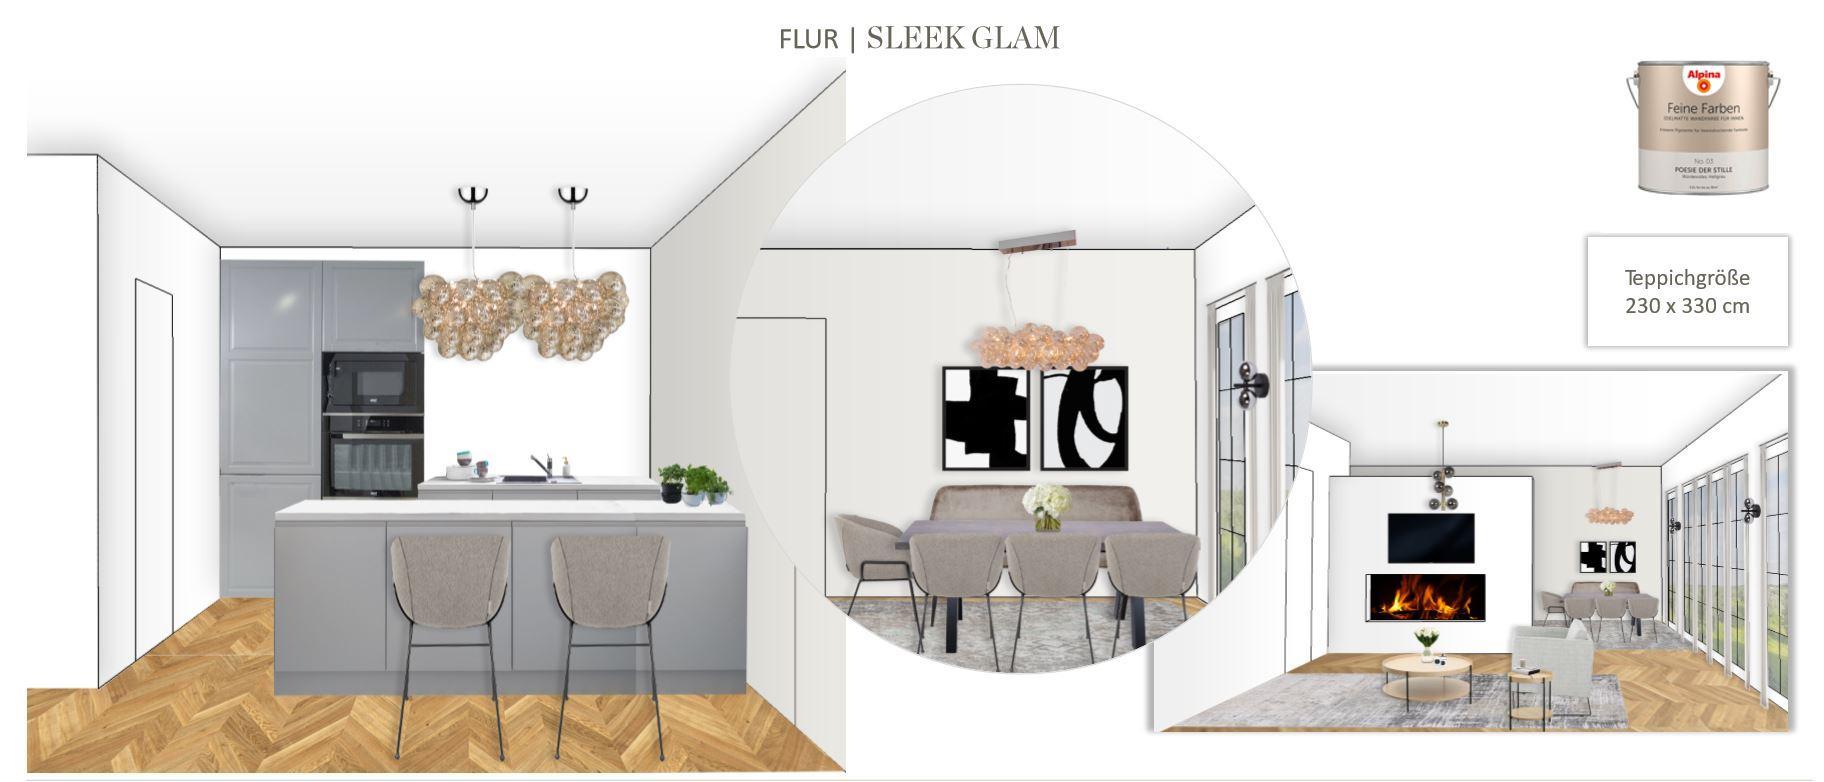 Grosses Wohn Esszimmer einrichten Entwurf Essbereich Sleek Glam